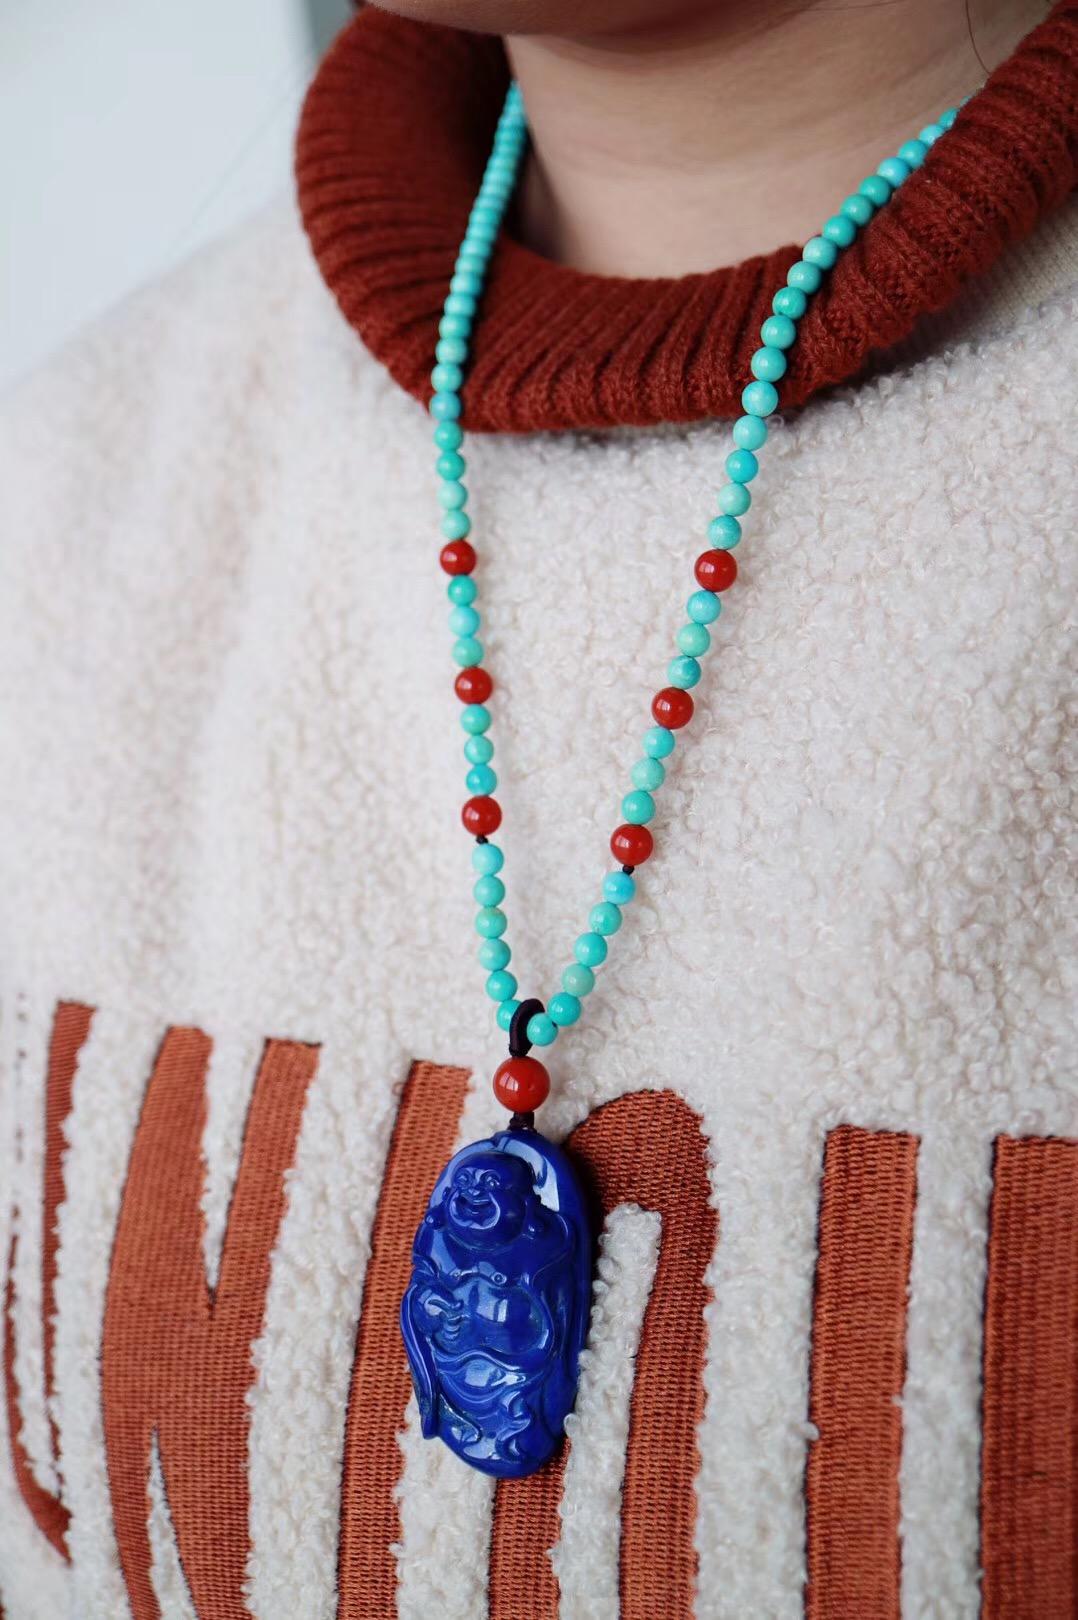 【菩心老矿青金石   绿松石】平平安安一直是我们的美好祝愿-菩心晶舍